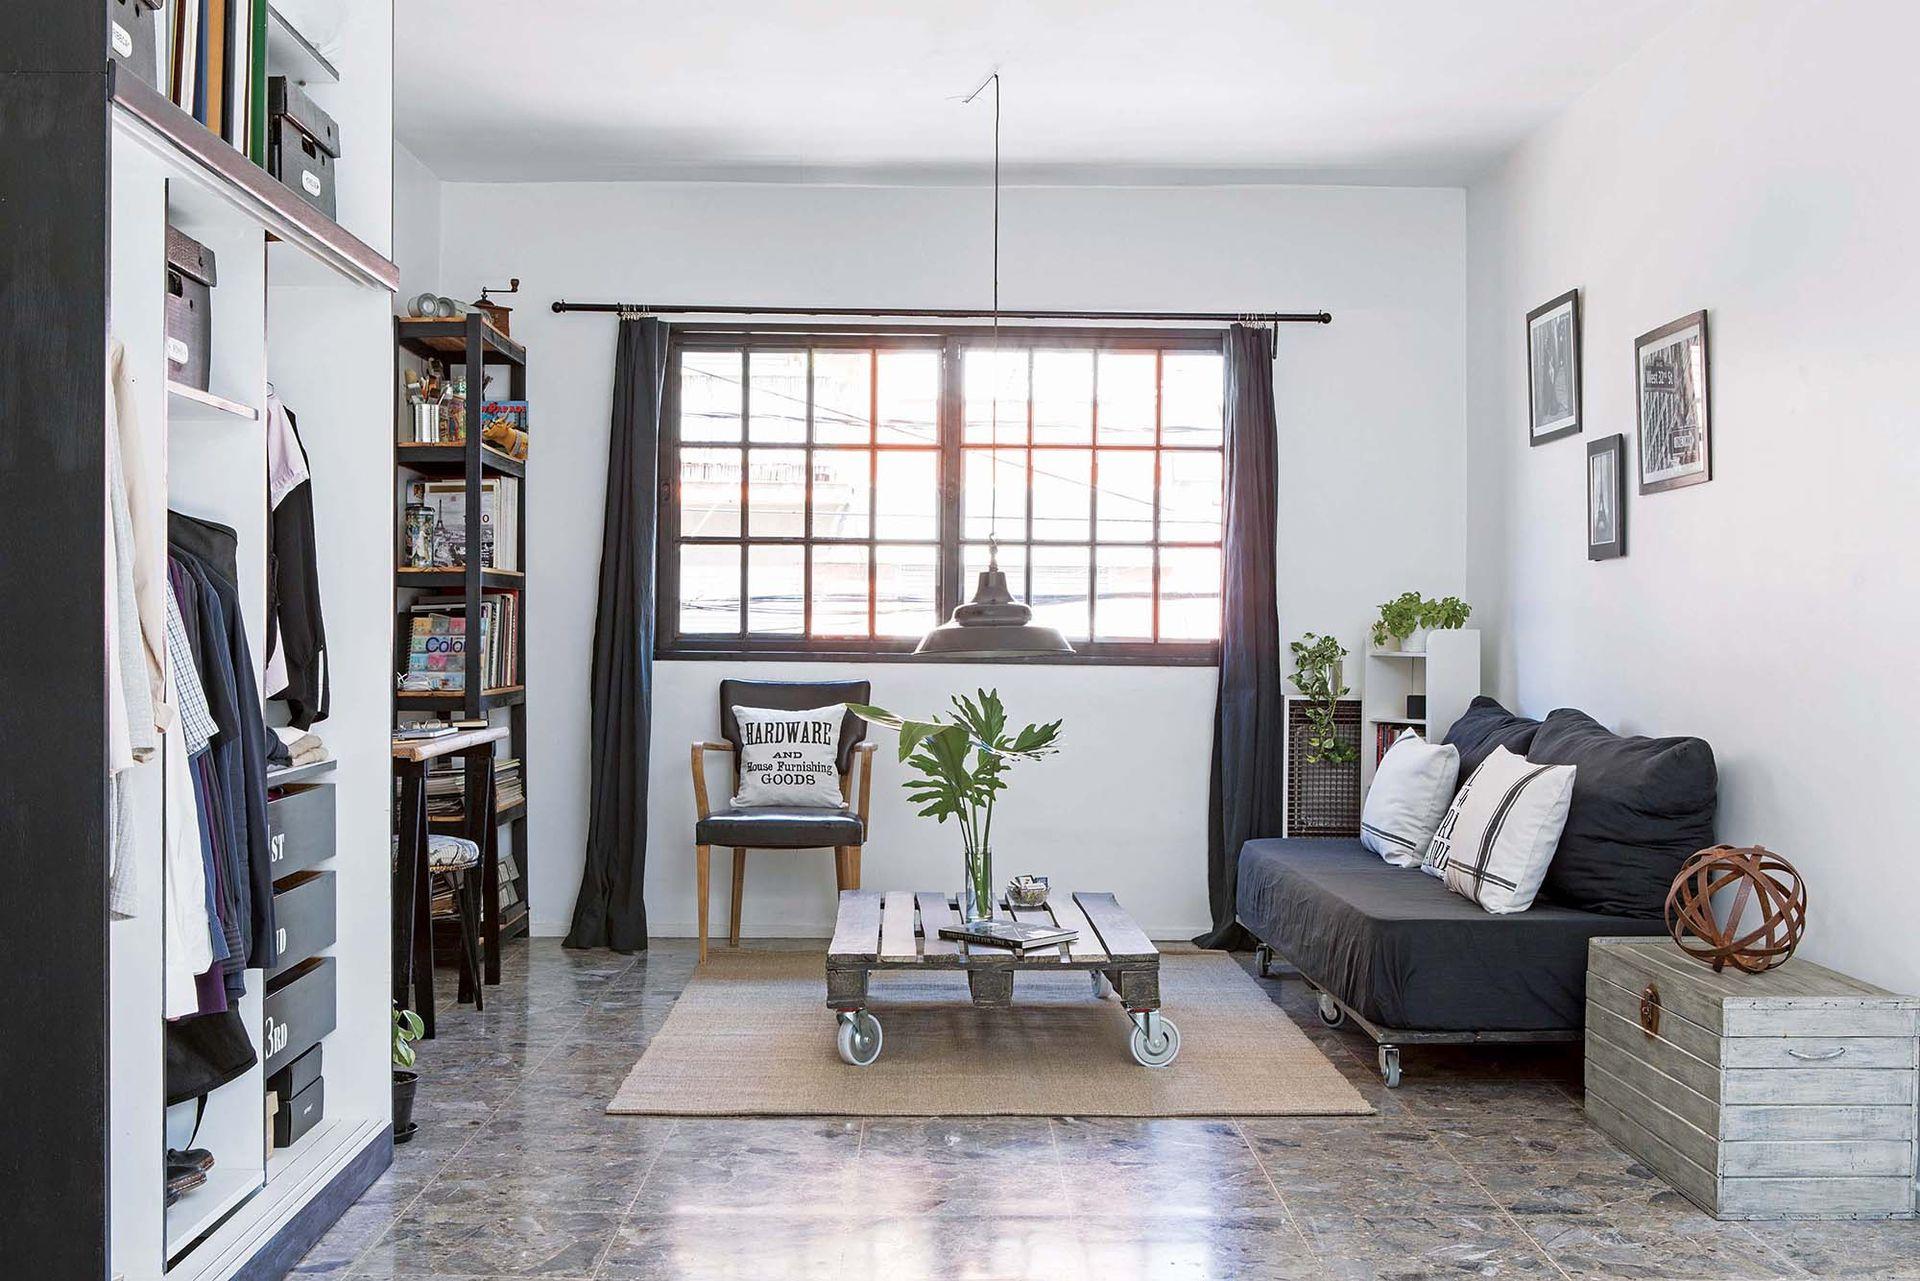 Se eliminaron las persianas y su cajón para tener una vista más limpia. Los marcos negros modernizan la ventana de vidrio repartido.